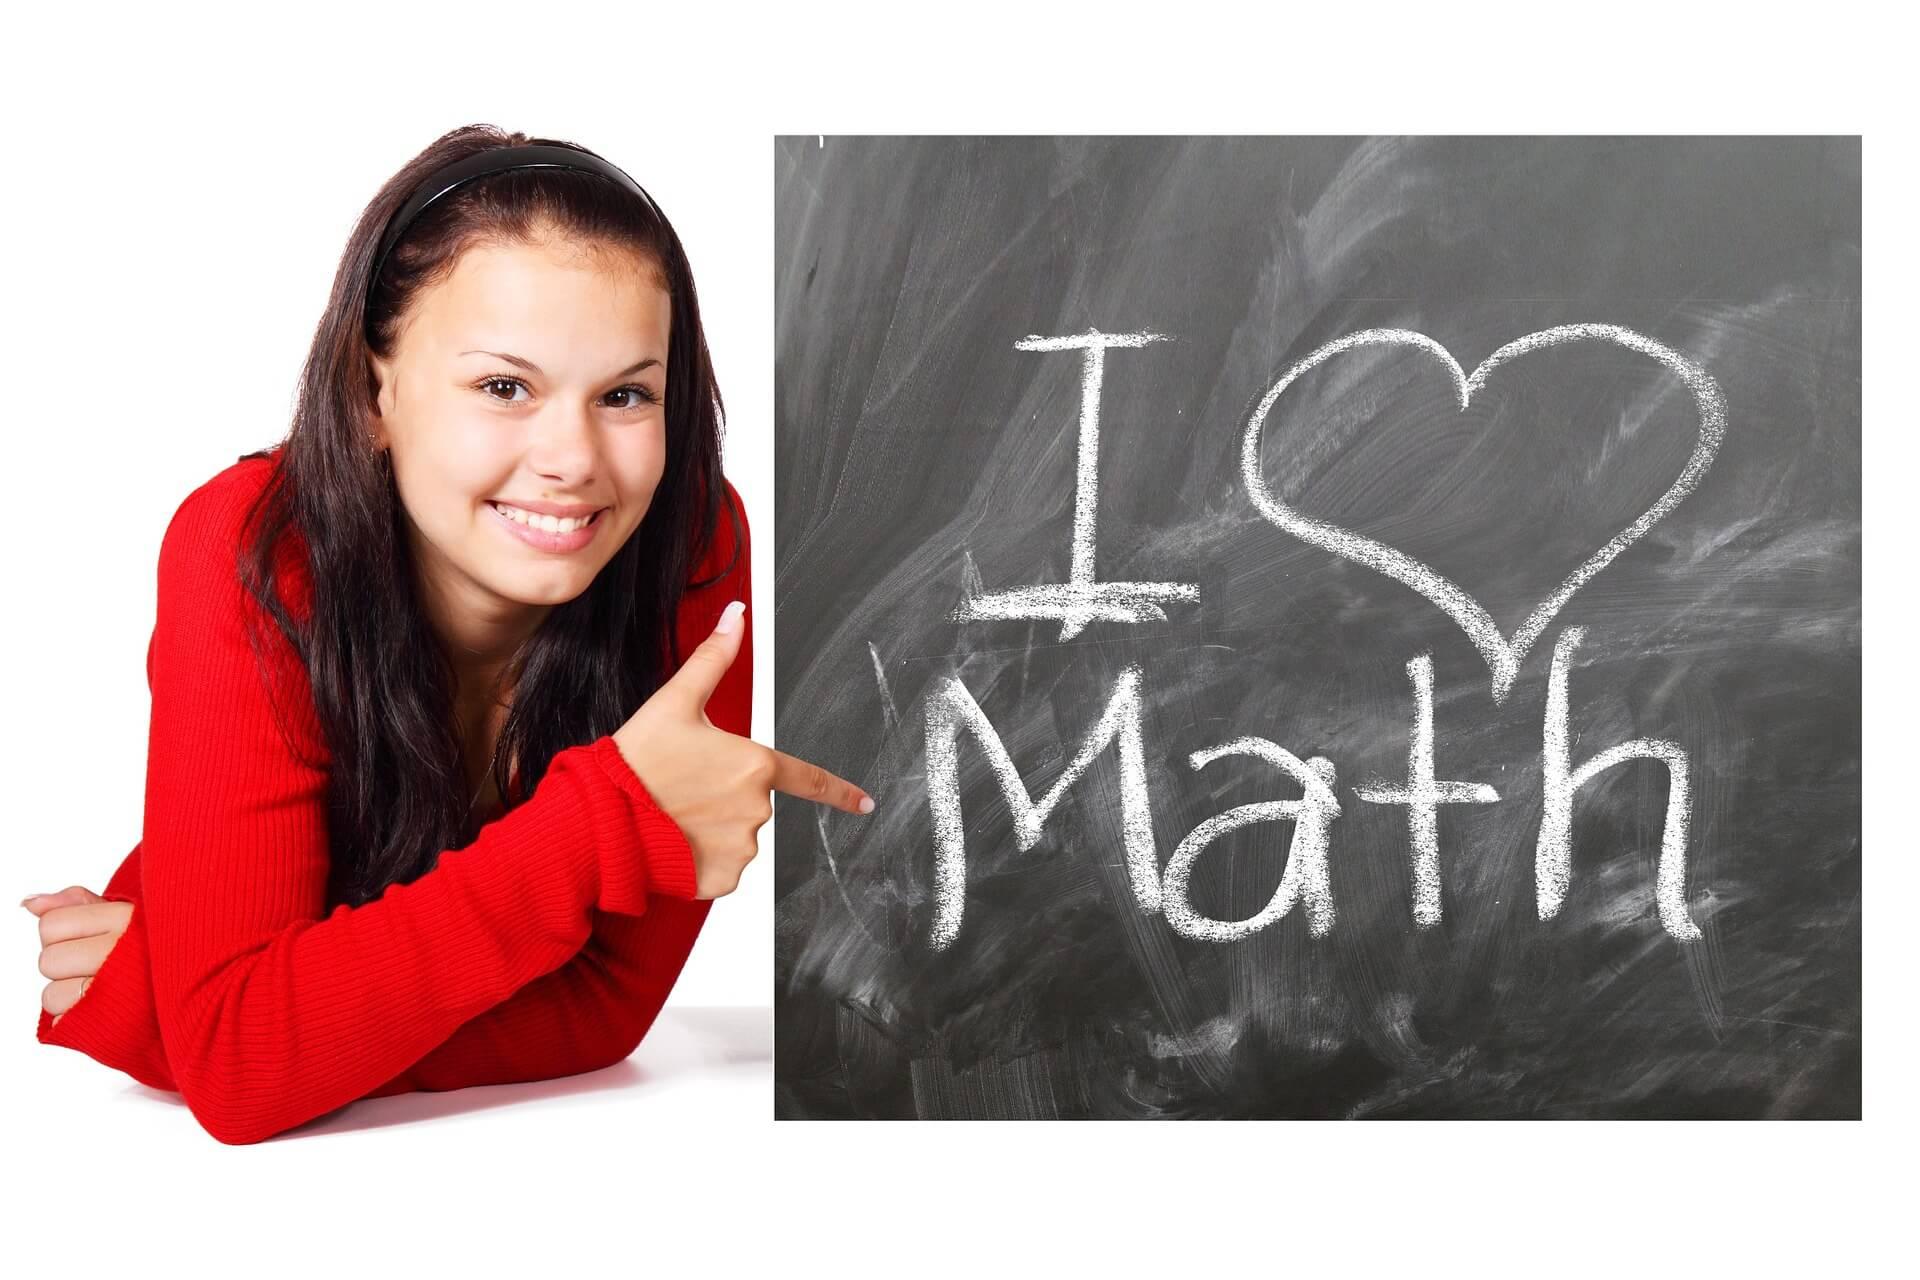 girl loves math